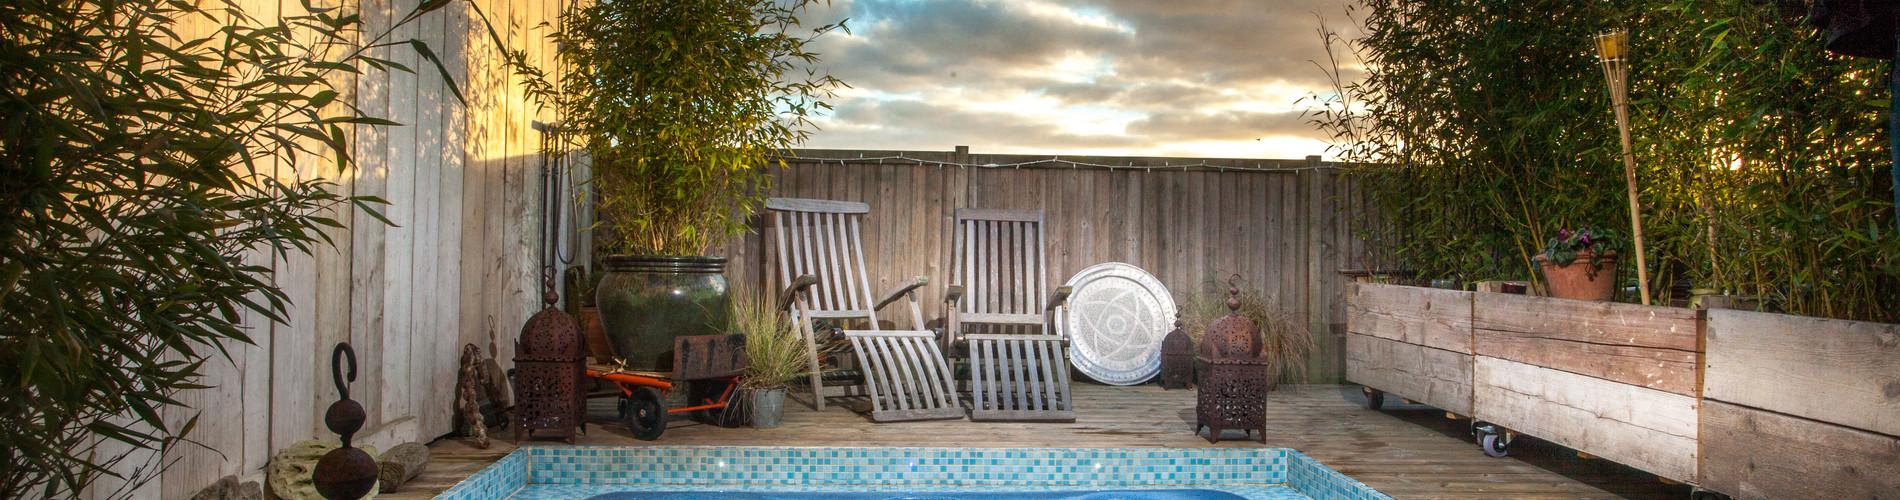 Vacation Rental Kasbah Hot Tub